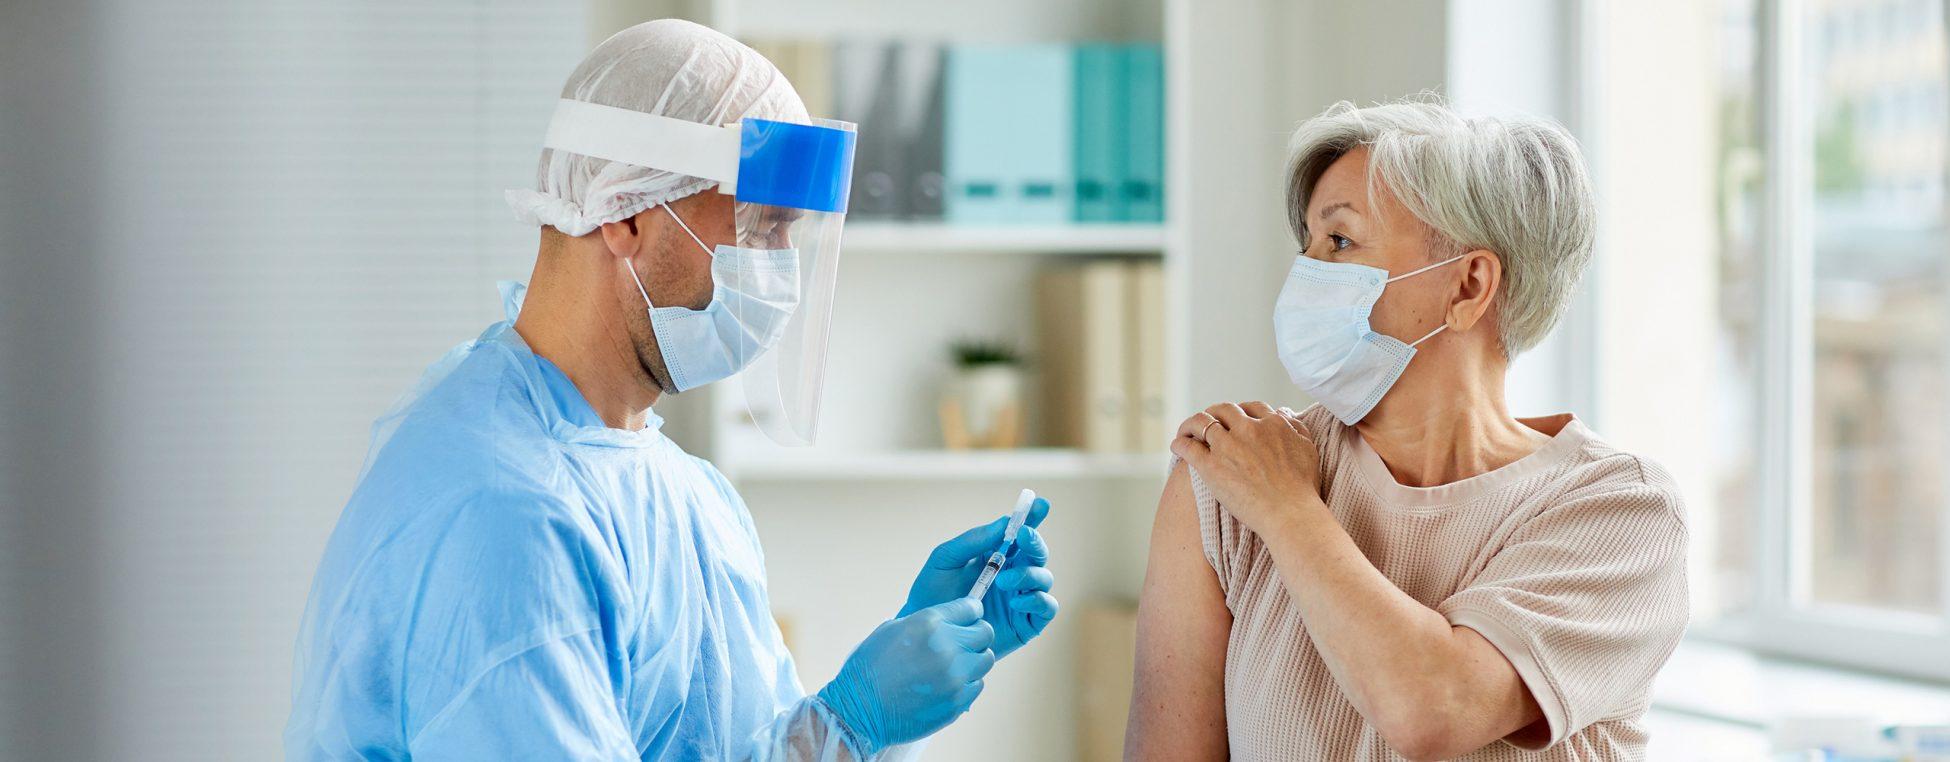 Arzt impft eine Frau.